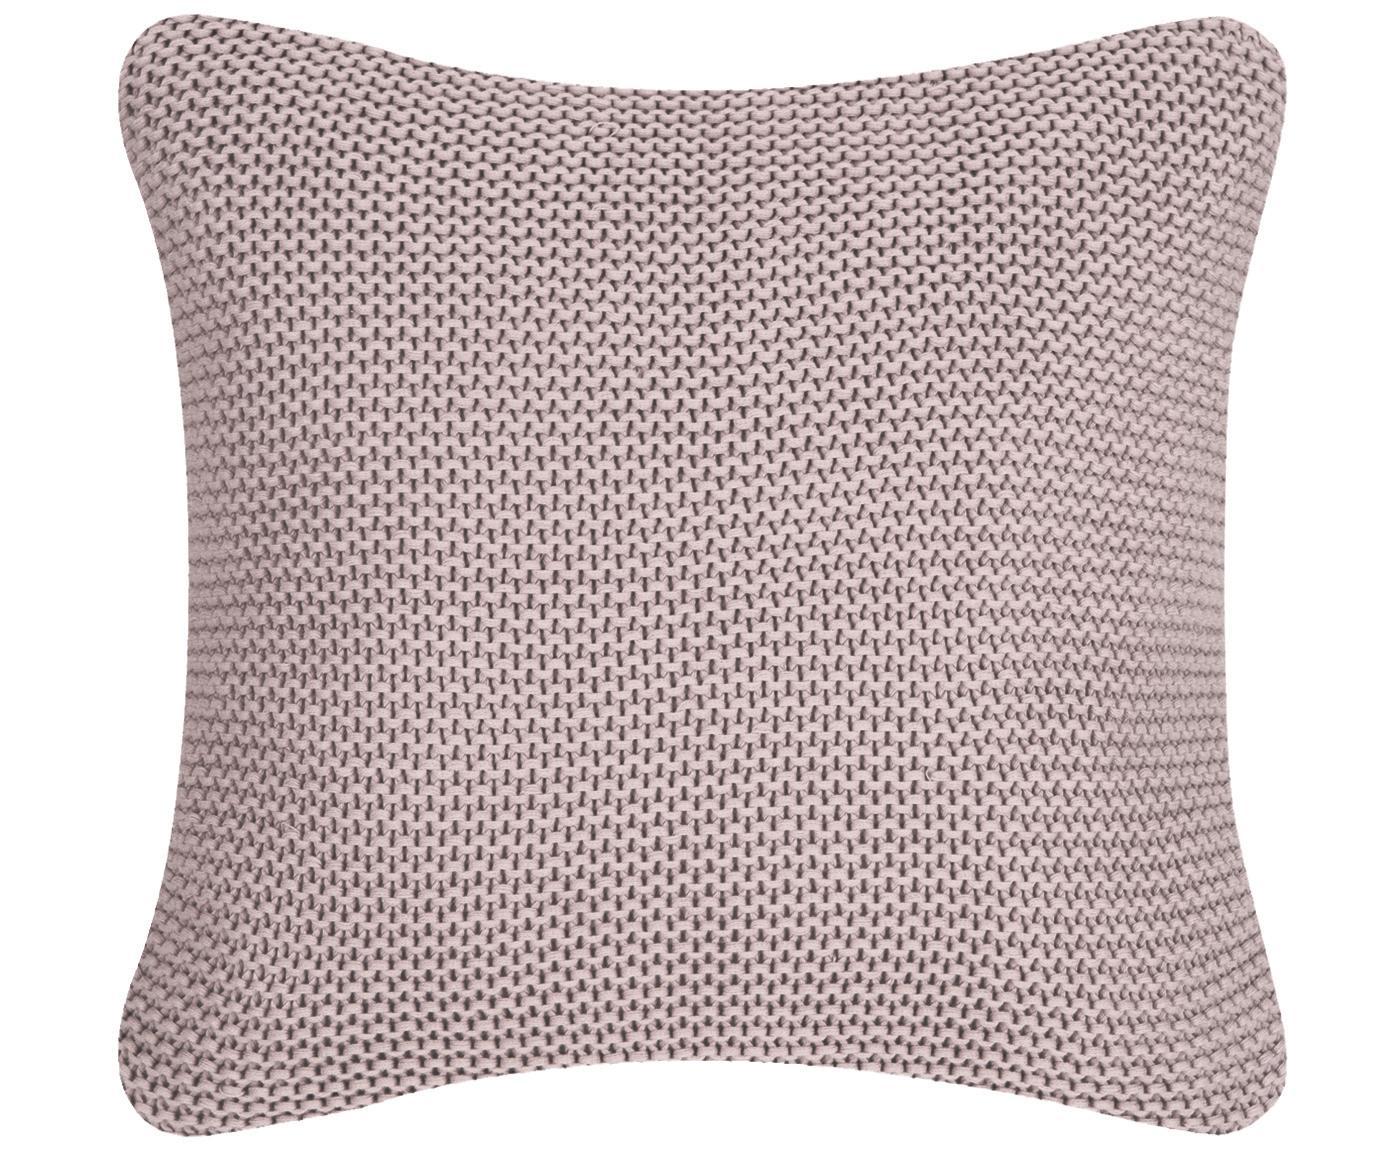 Poszewka na poduszkę z dzianiny Adalyn, 100% bawełna, Brudny różowy, S 50 x D 50 cm